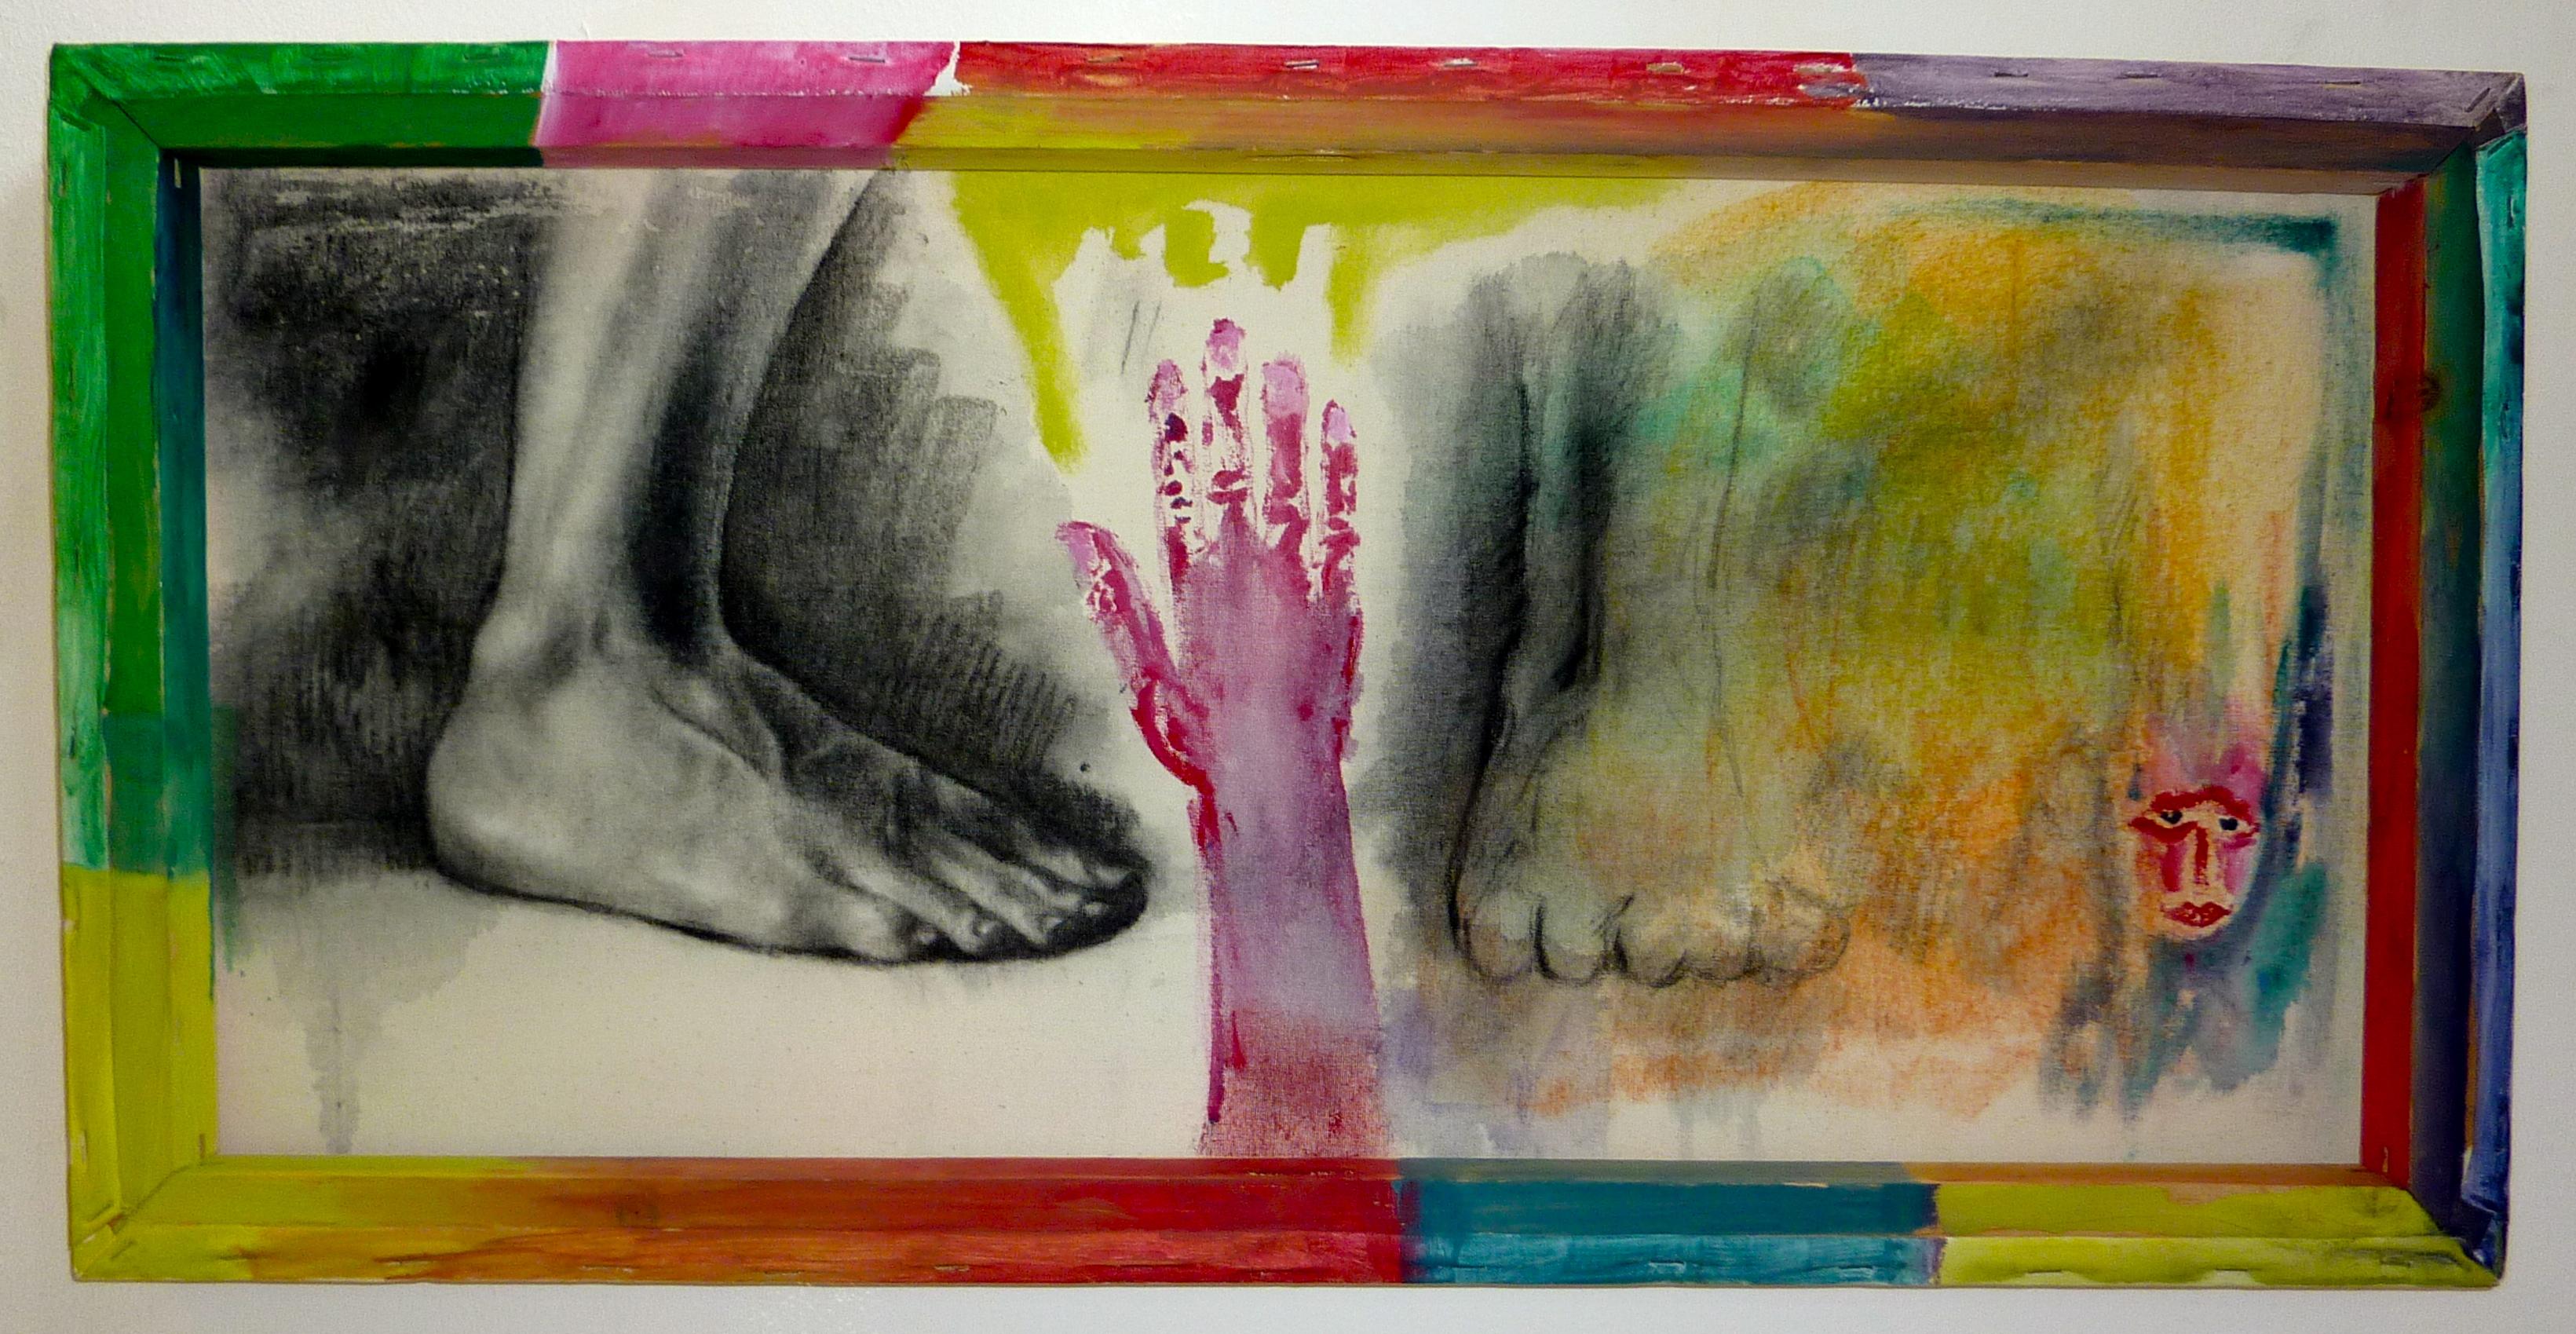 COL-ART-PAINTING Adeje 2007 & Vera de Erques  2009